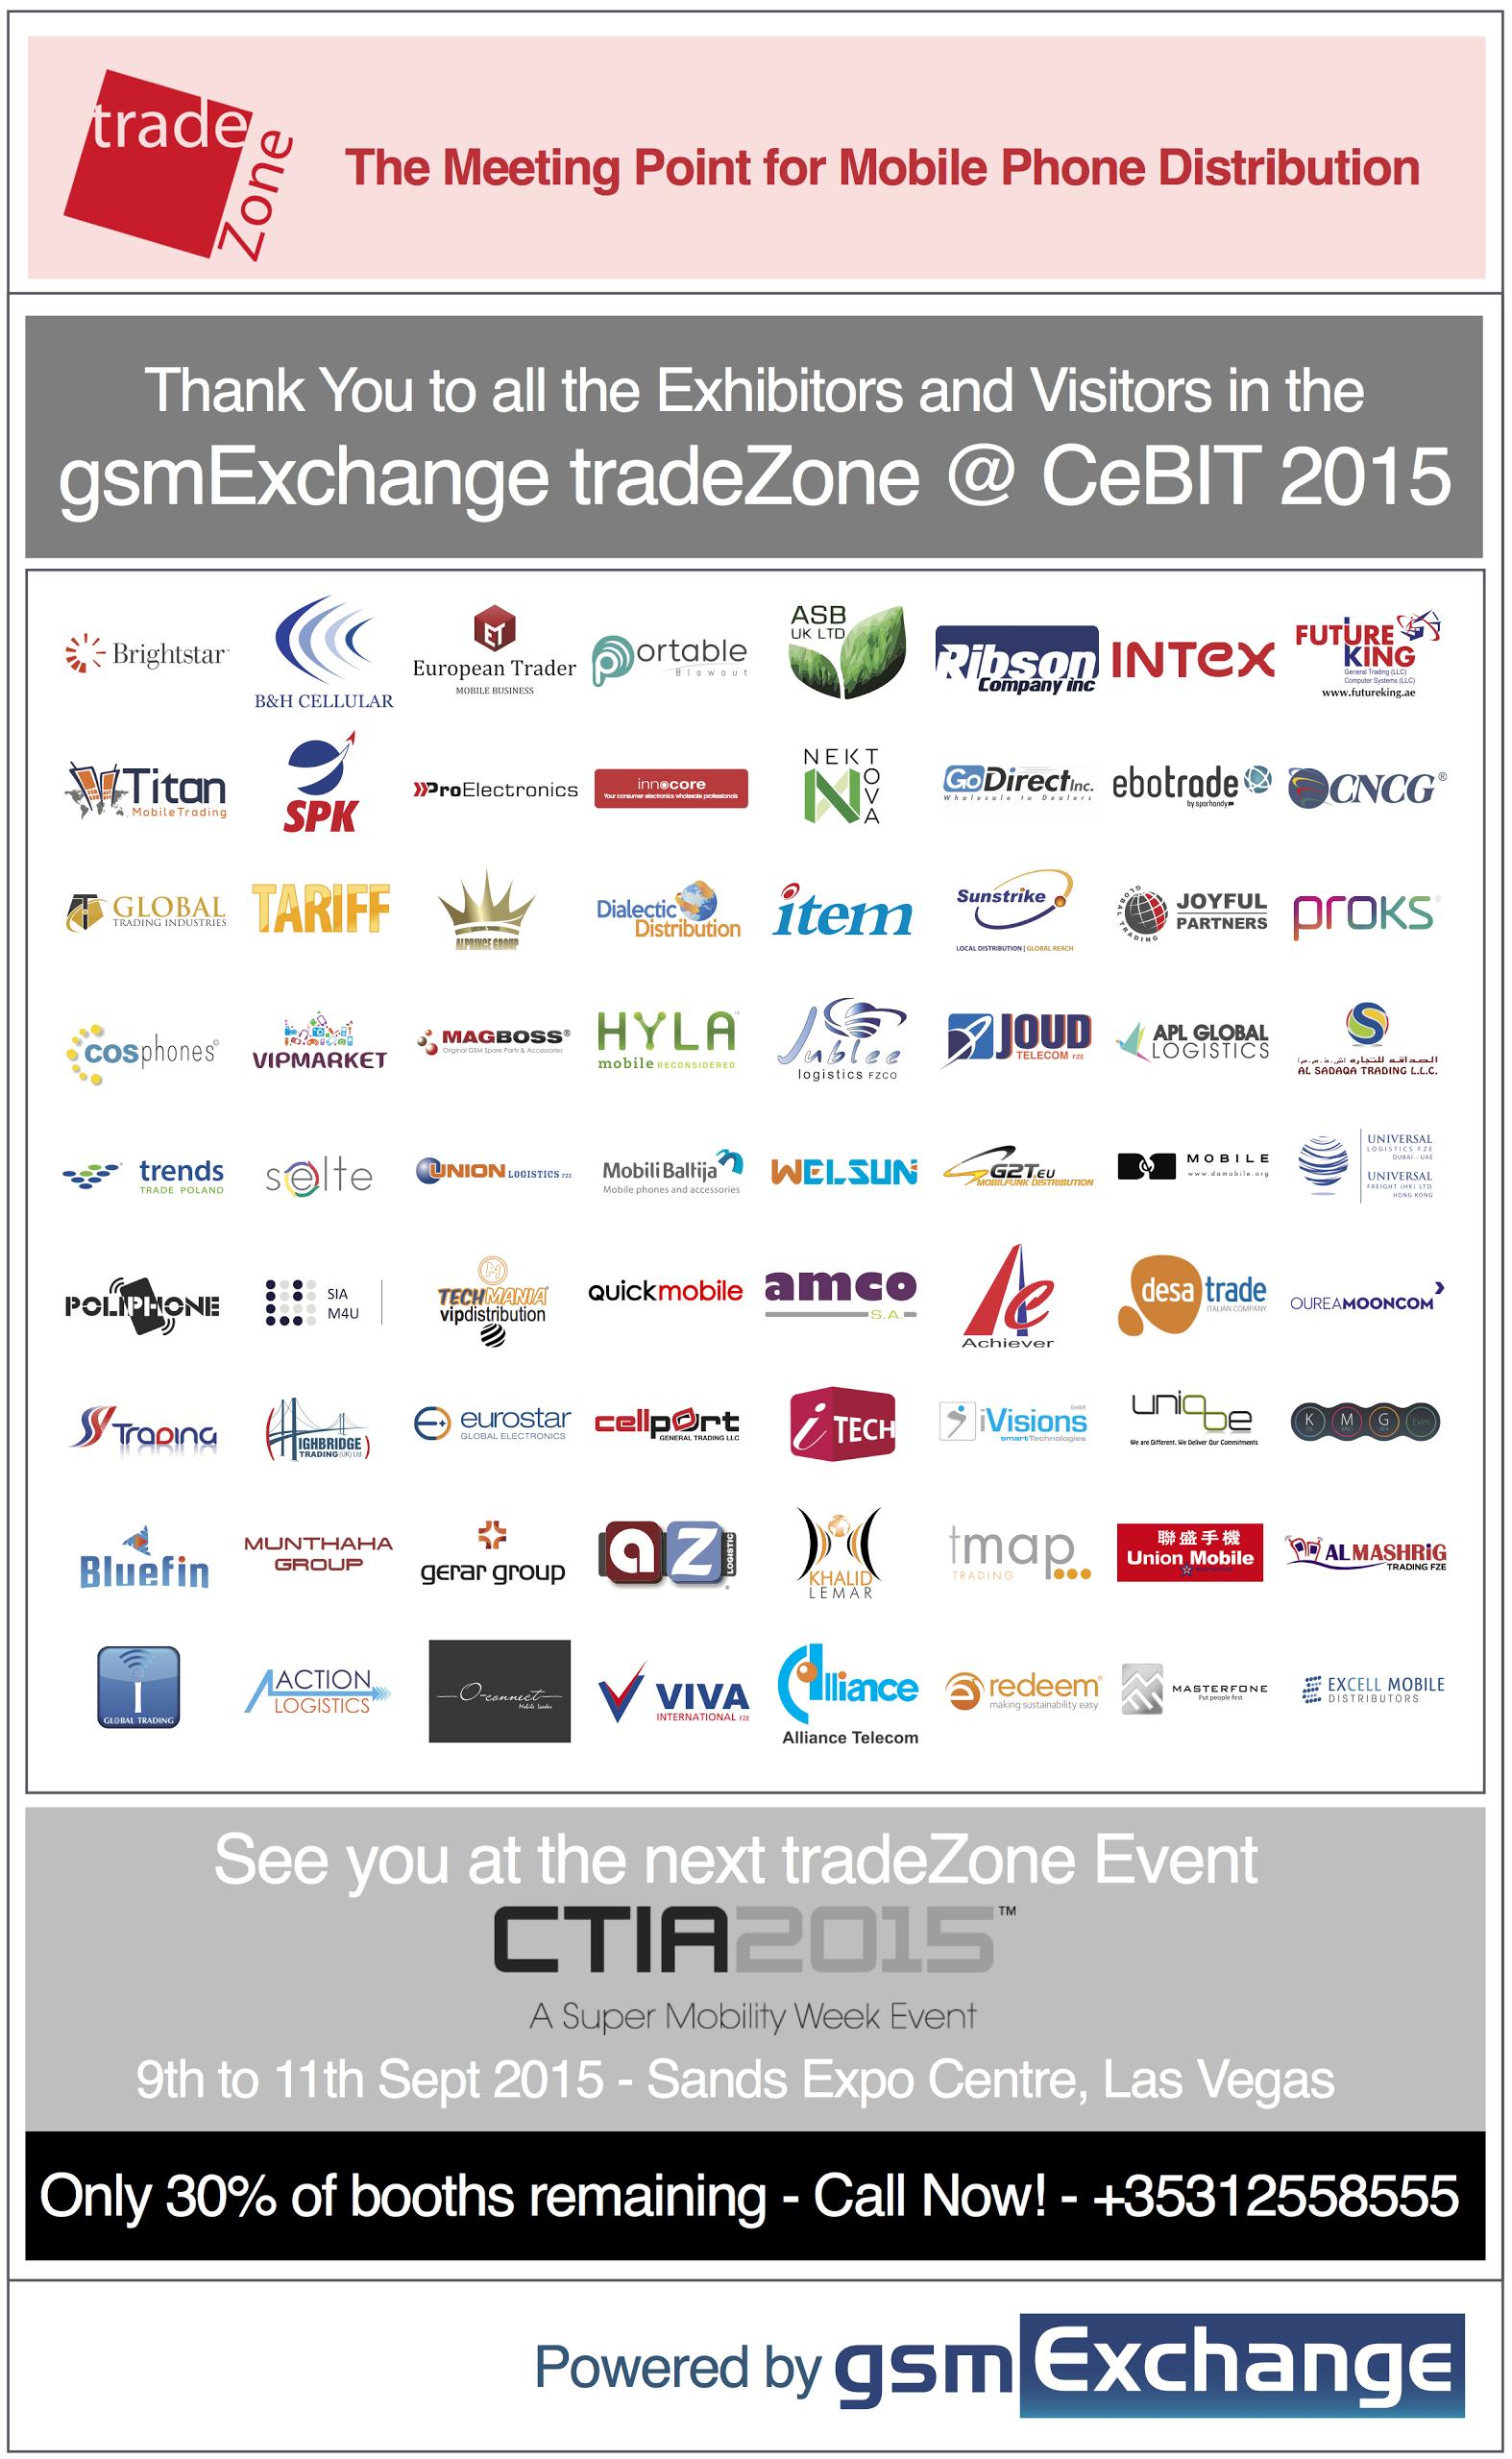 gsmExchange tradeZone Exhibitors 2015